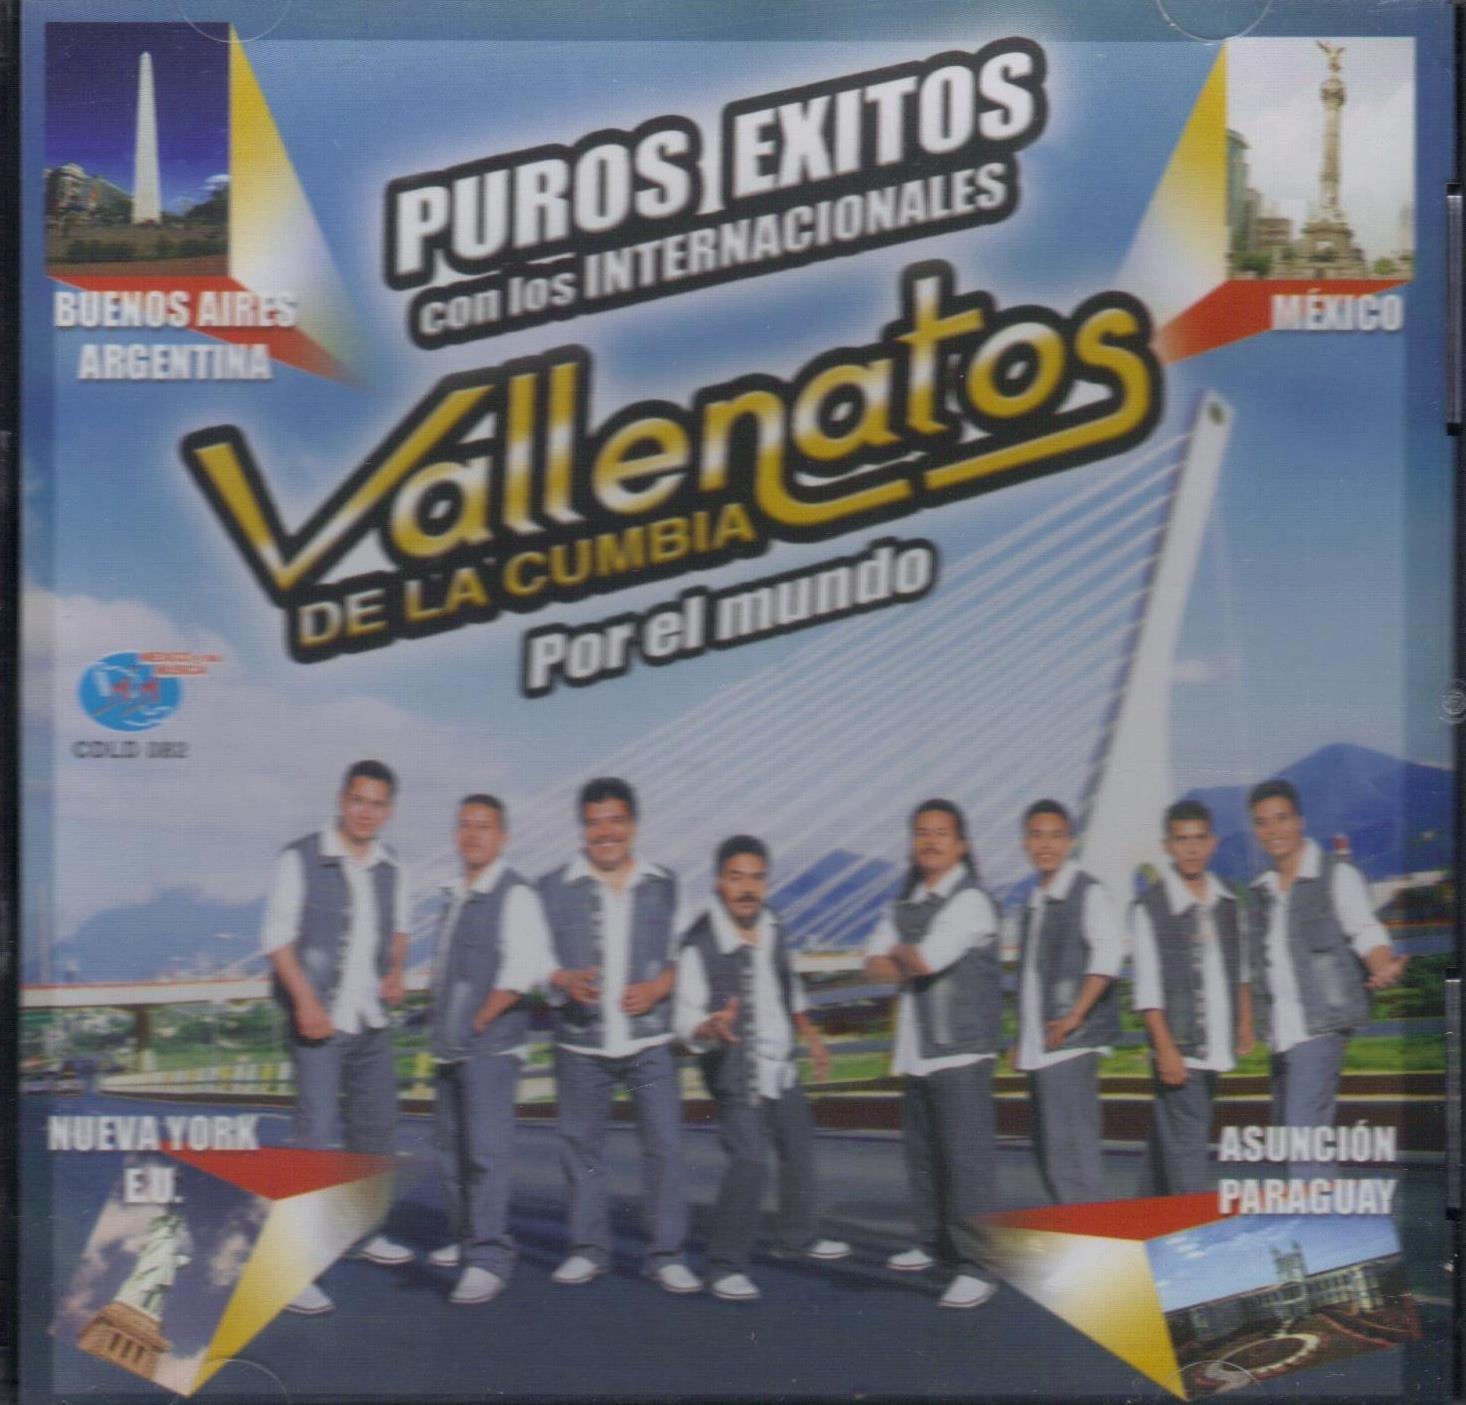 Los Vallenatos De La Cumbia,puros Exitos..